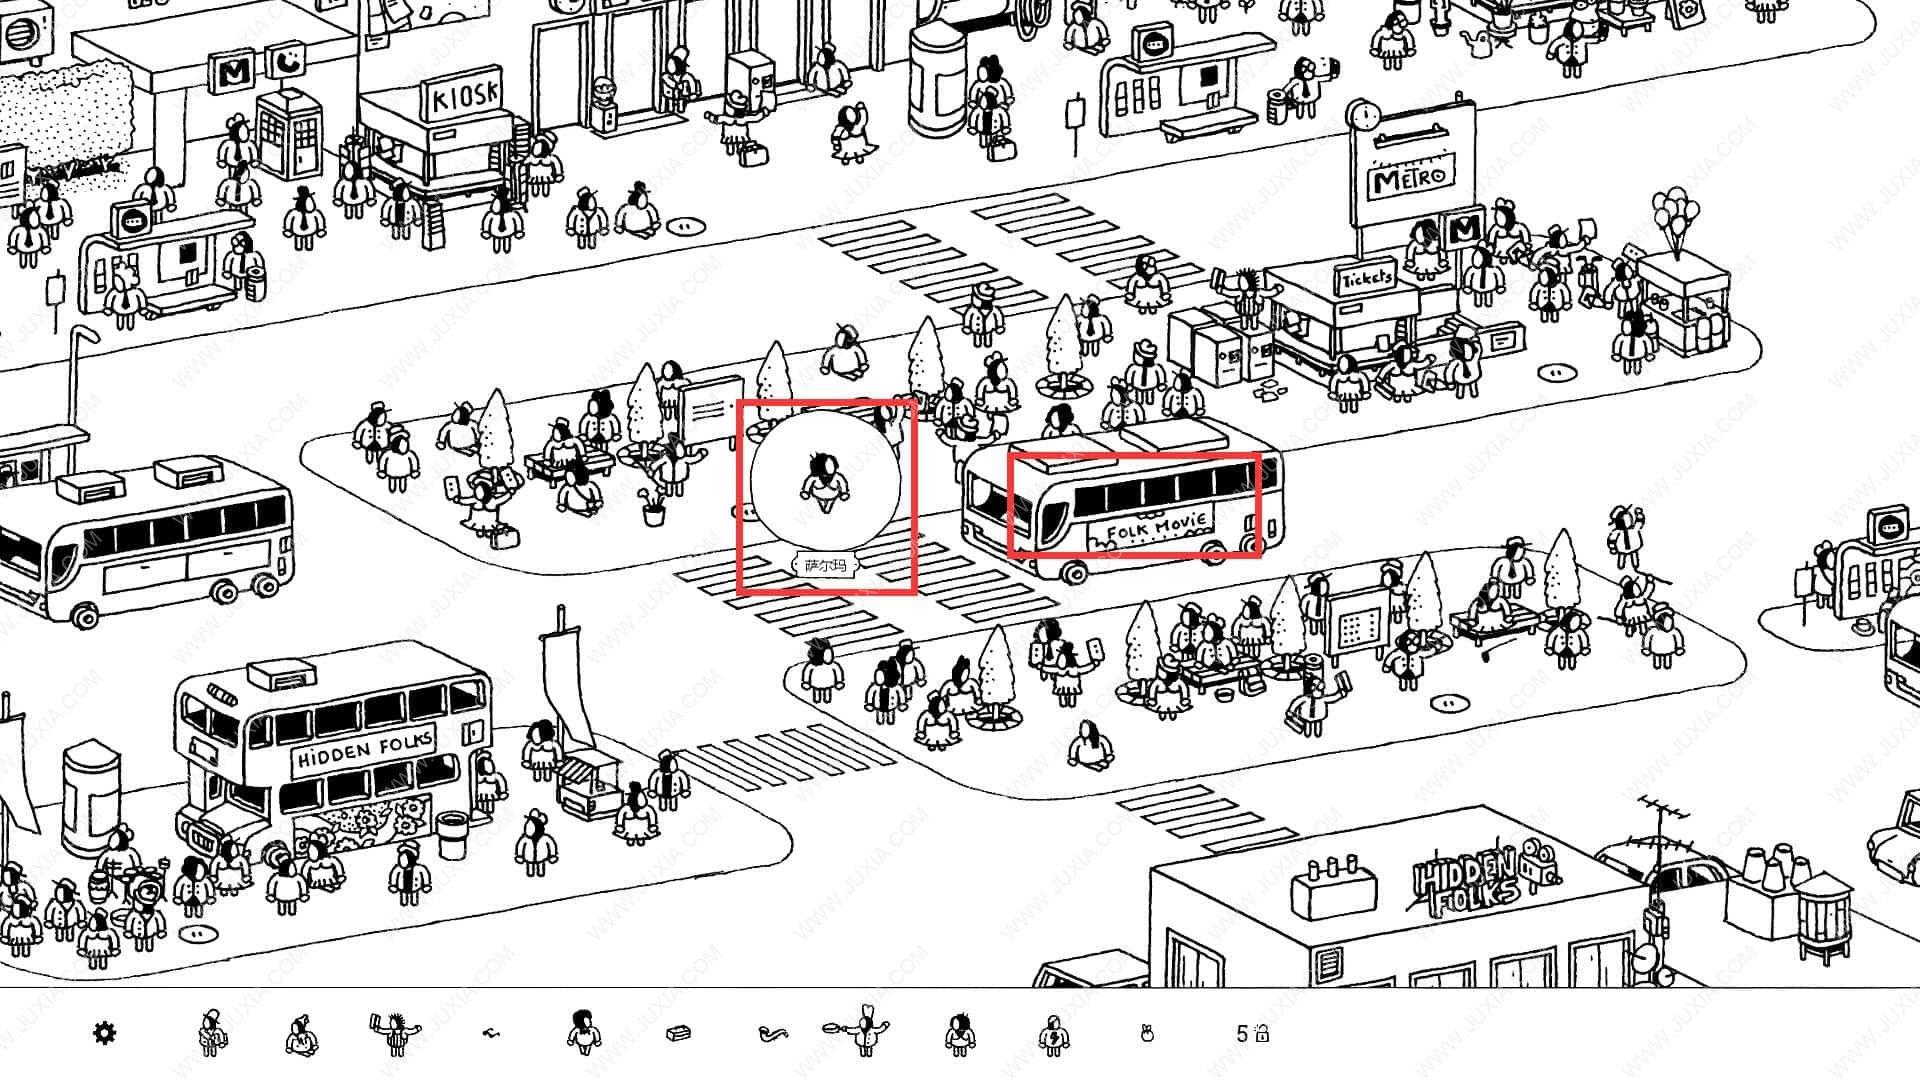 隐藏的家伙攻略图文城市第3关 HiddenFolks图文攻略城市第三关